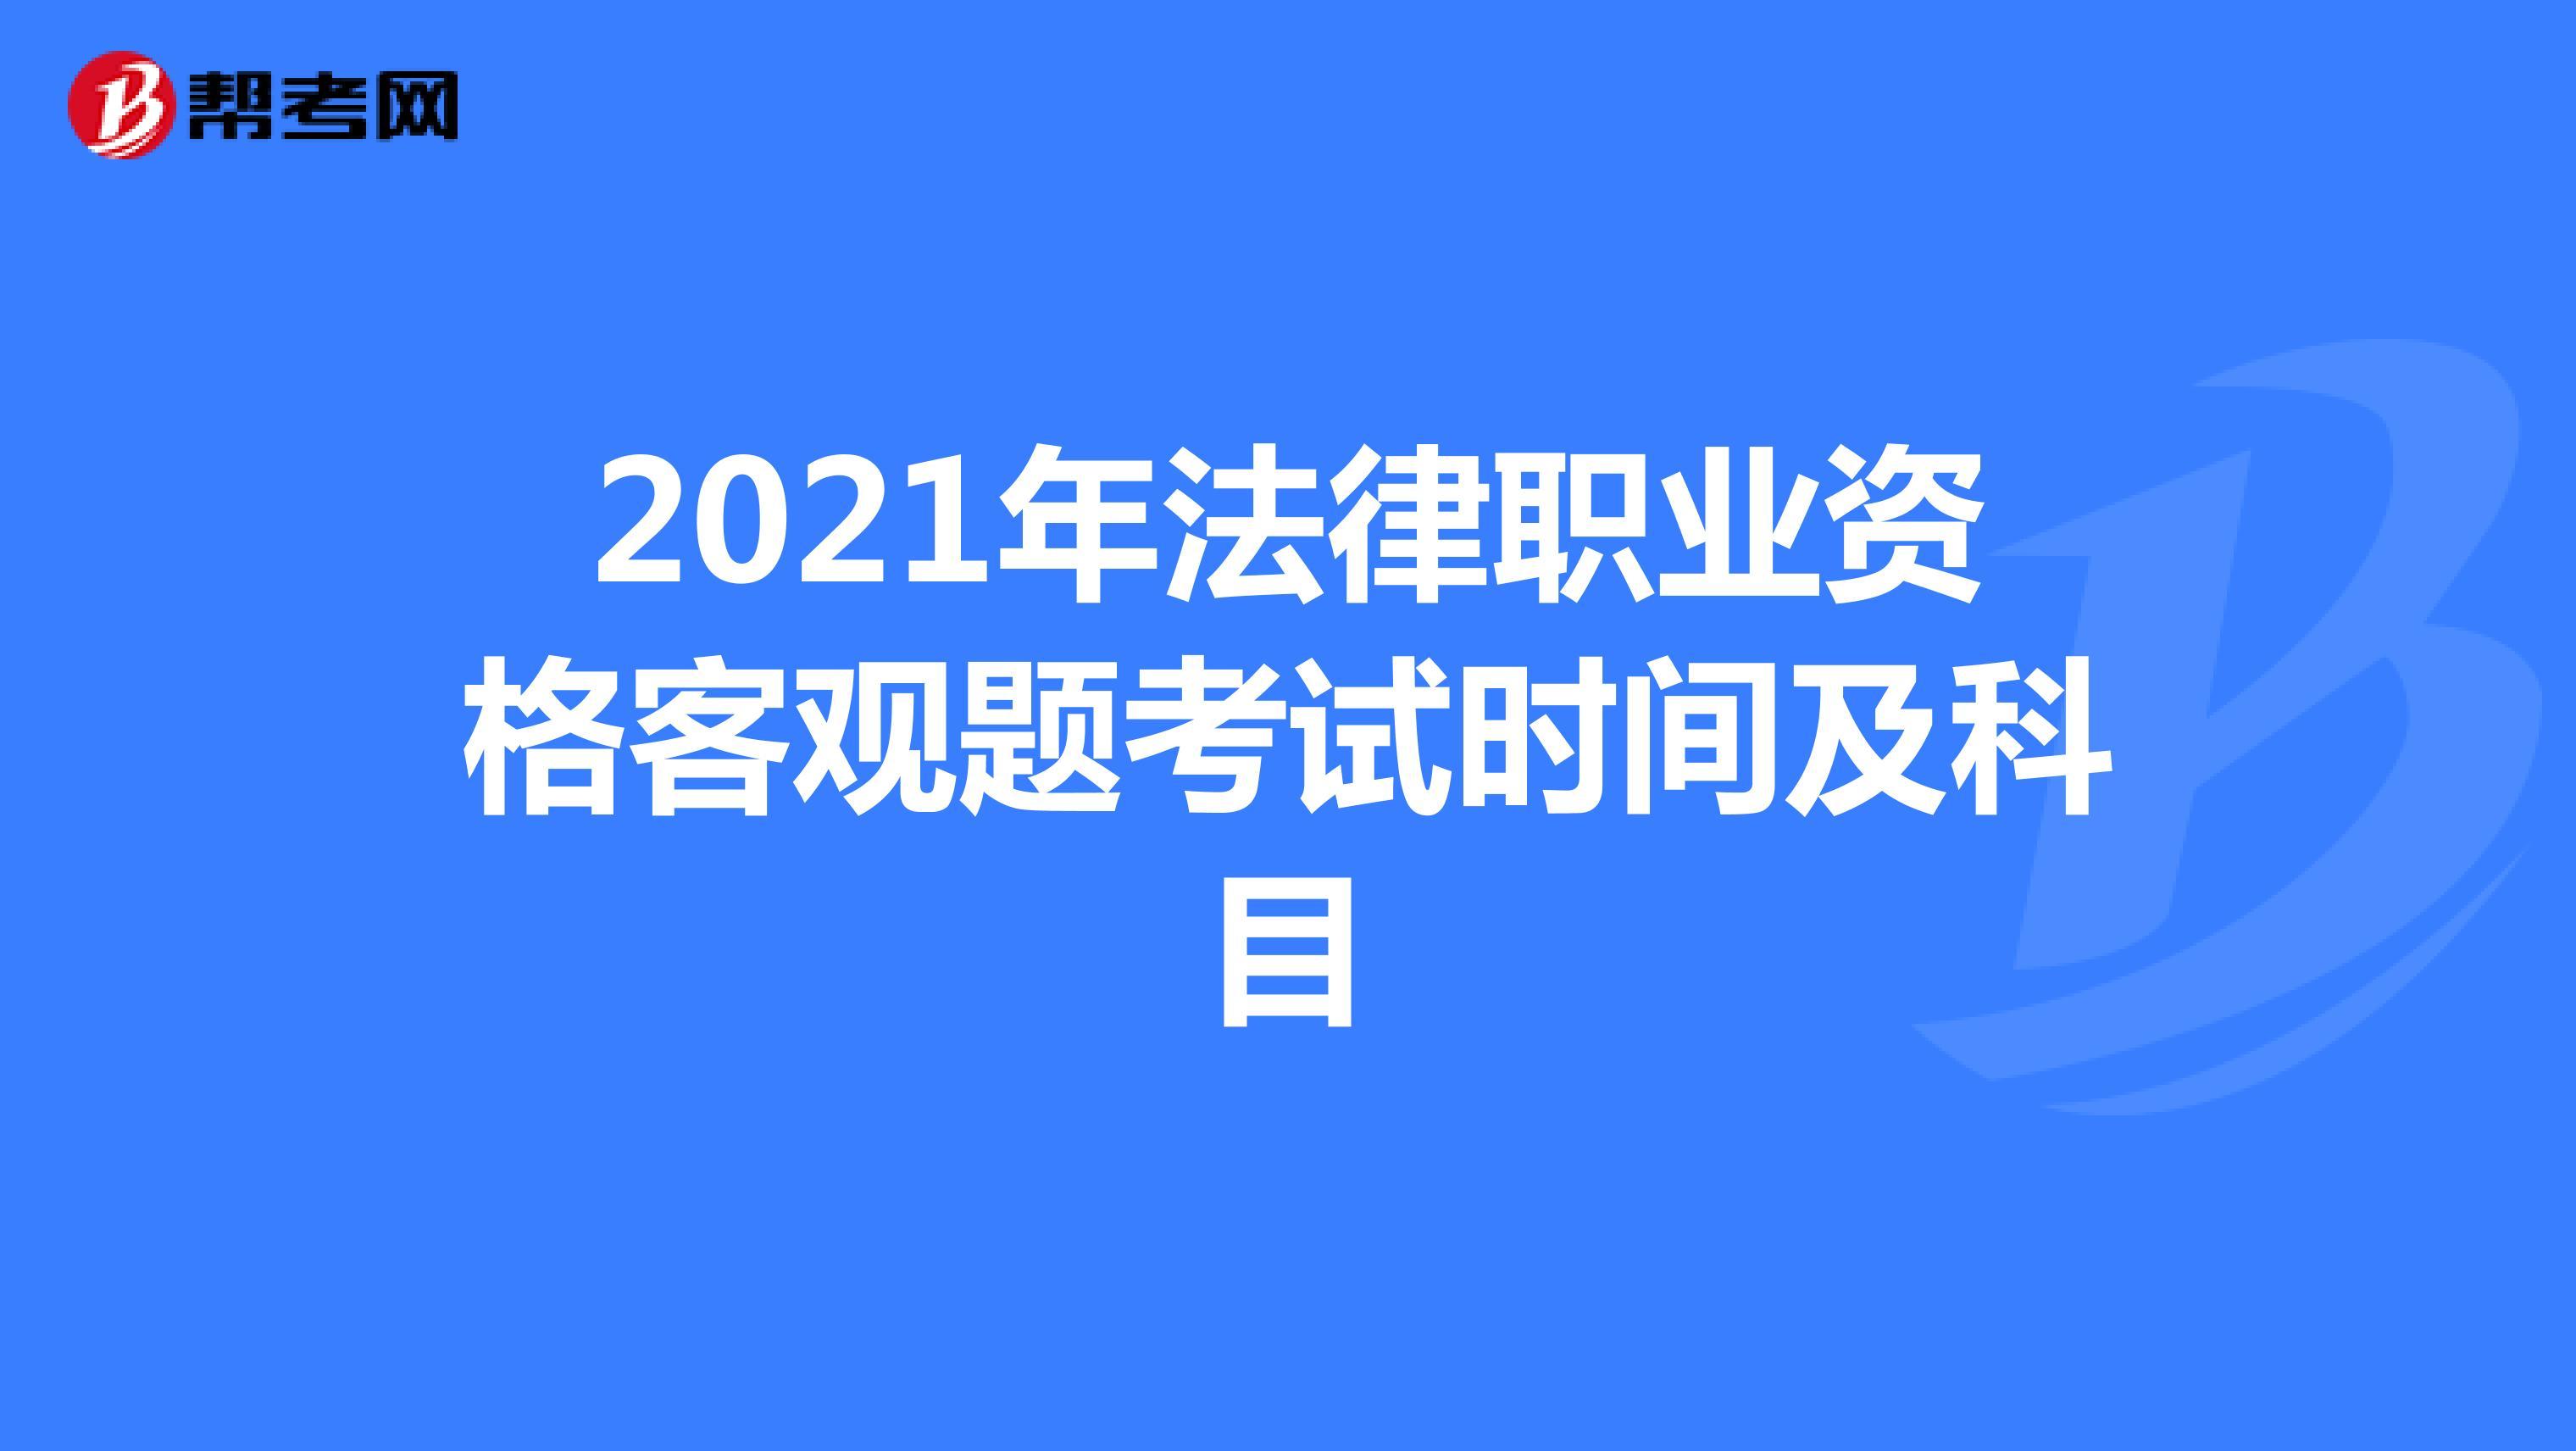 2021年法律职业资格客观题考试时间及科目